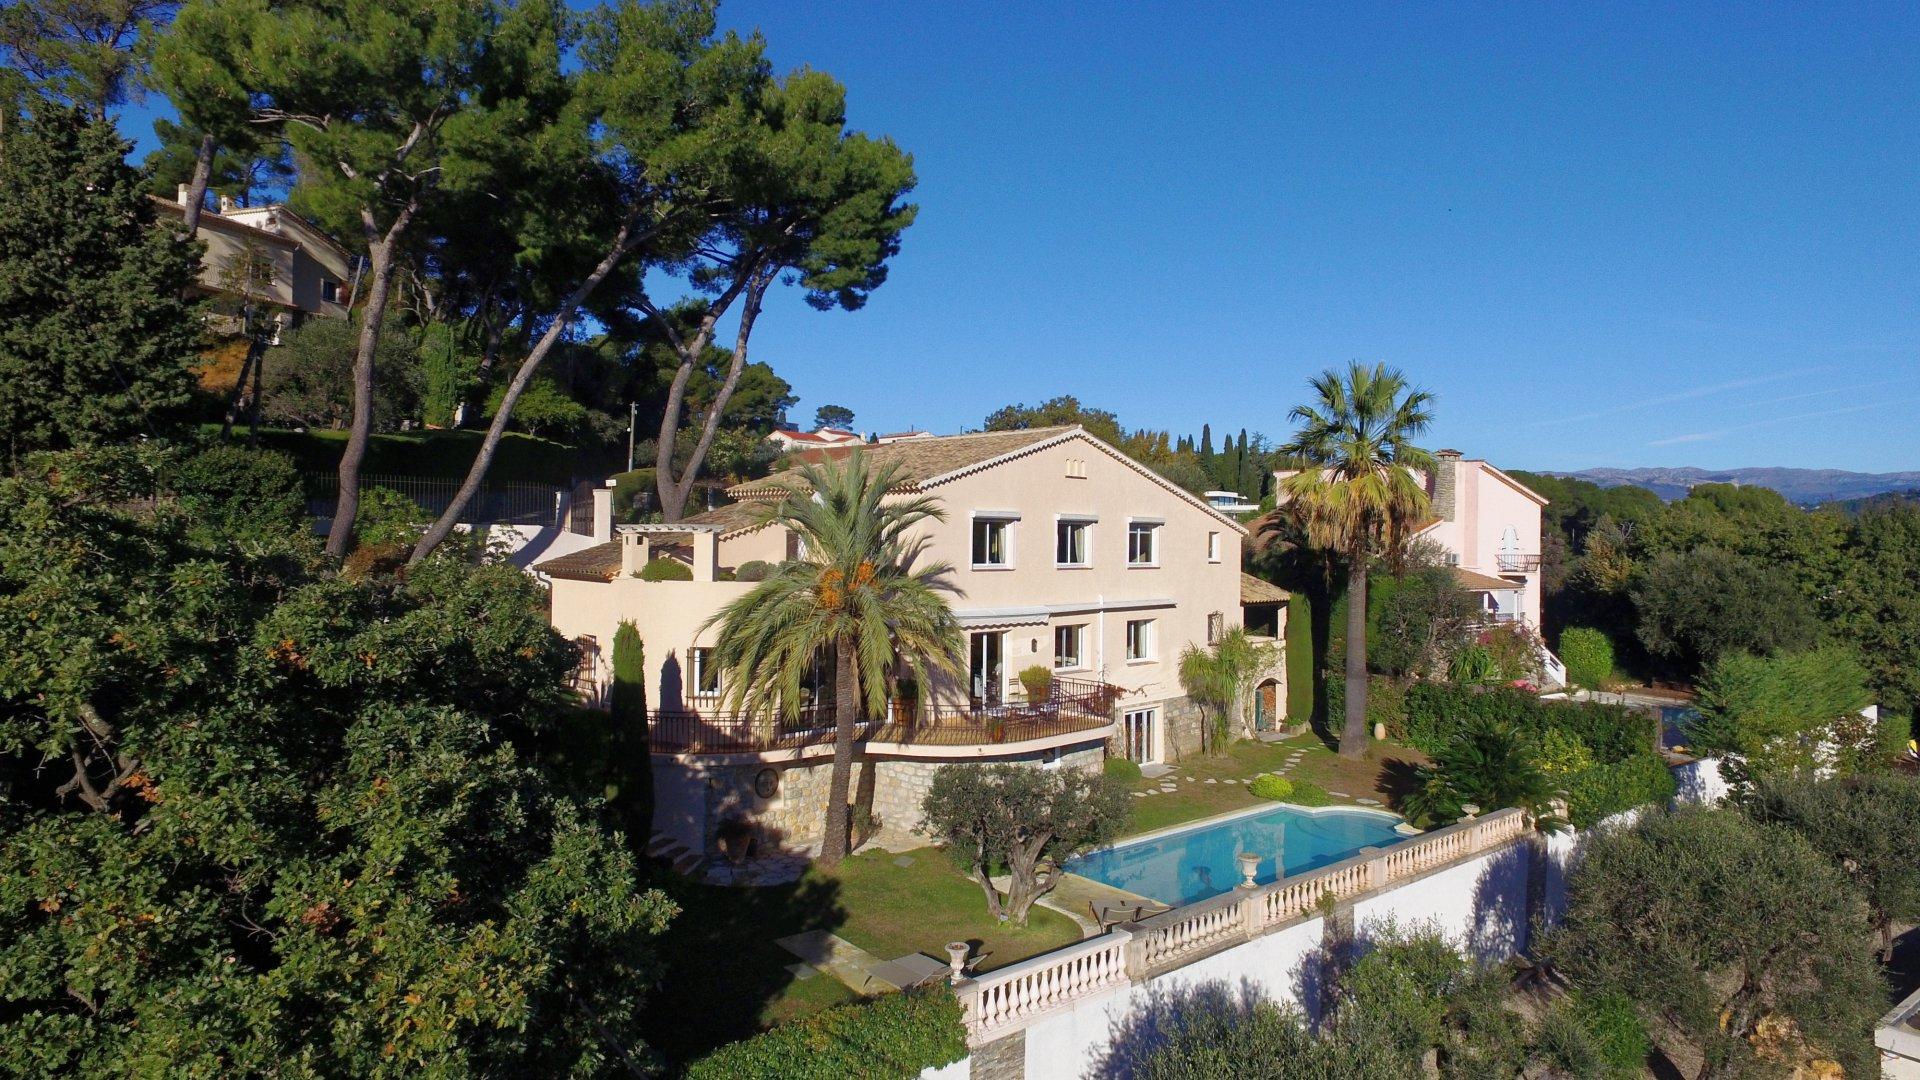 Achat/ Vente villa Mougins vue mer et village